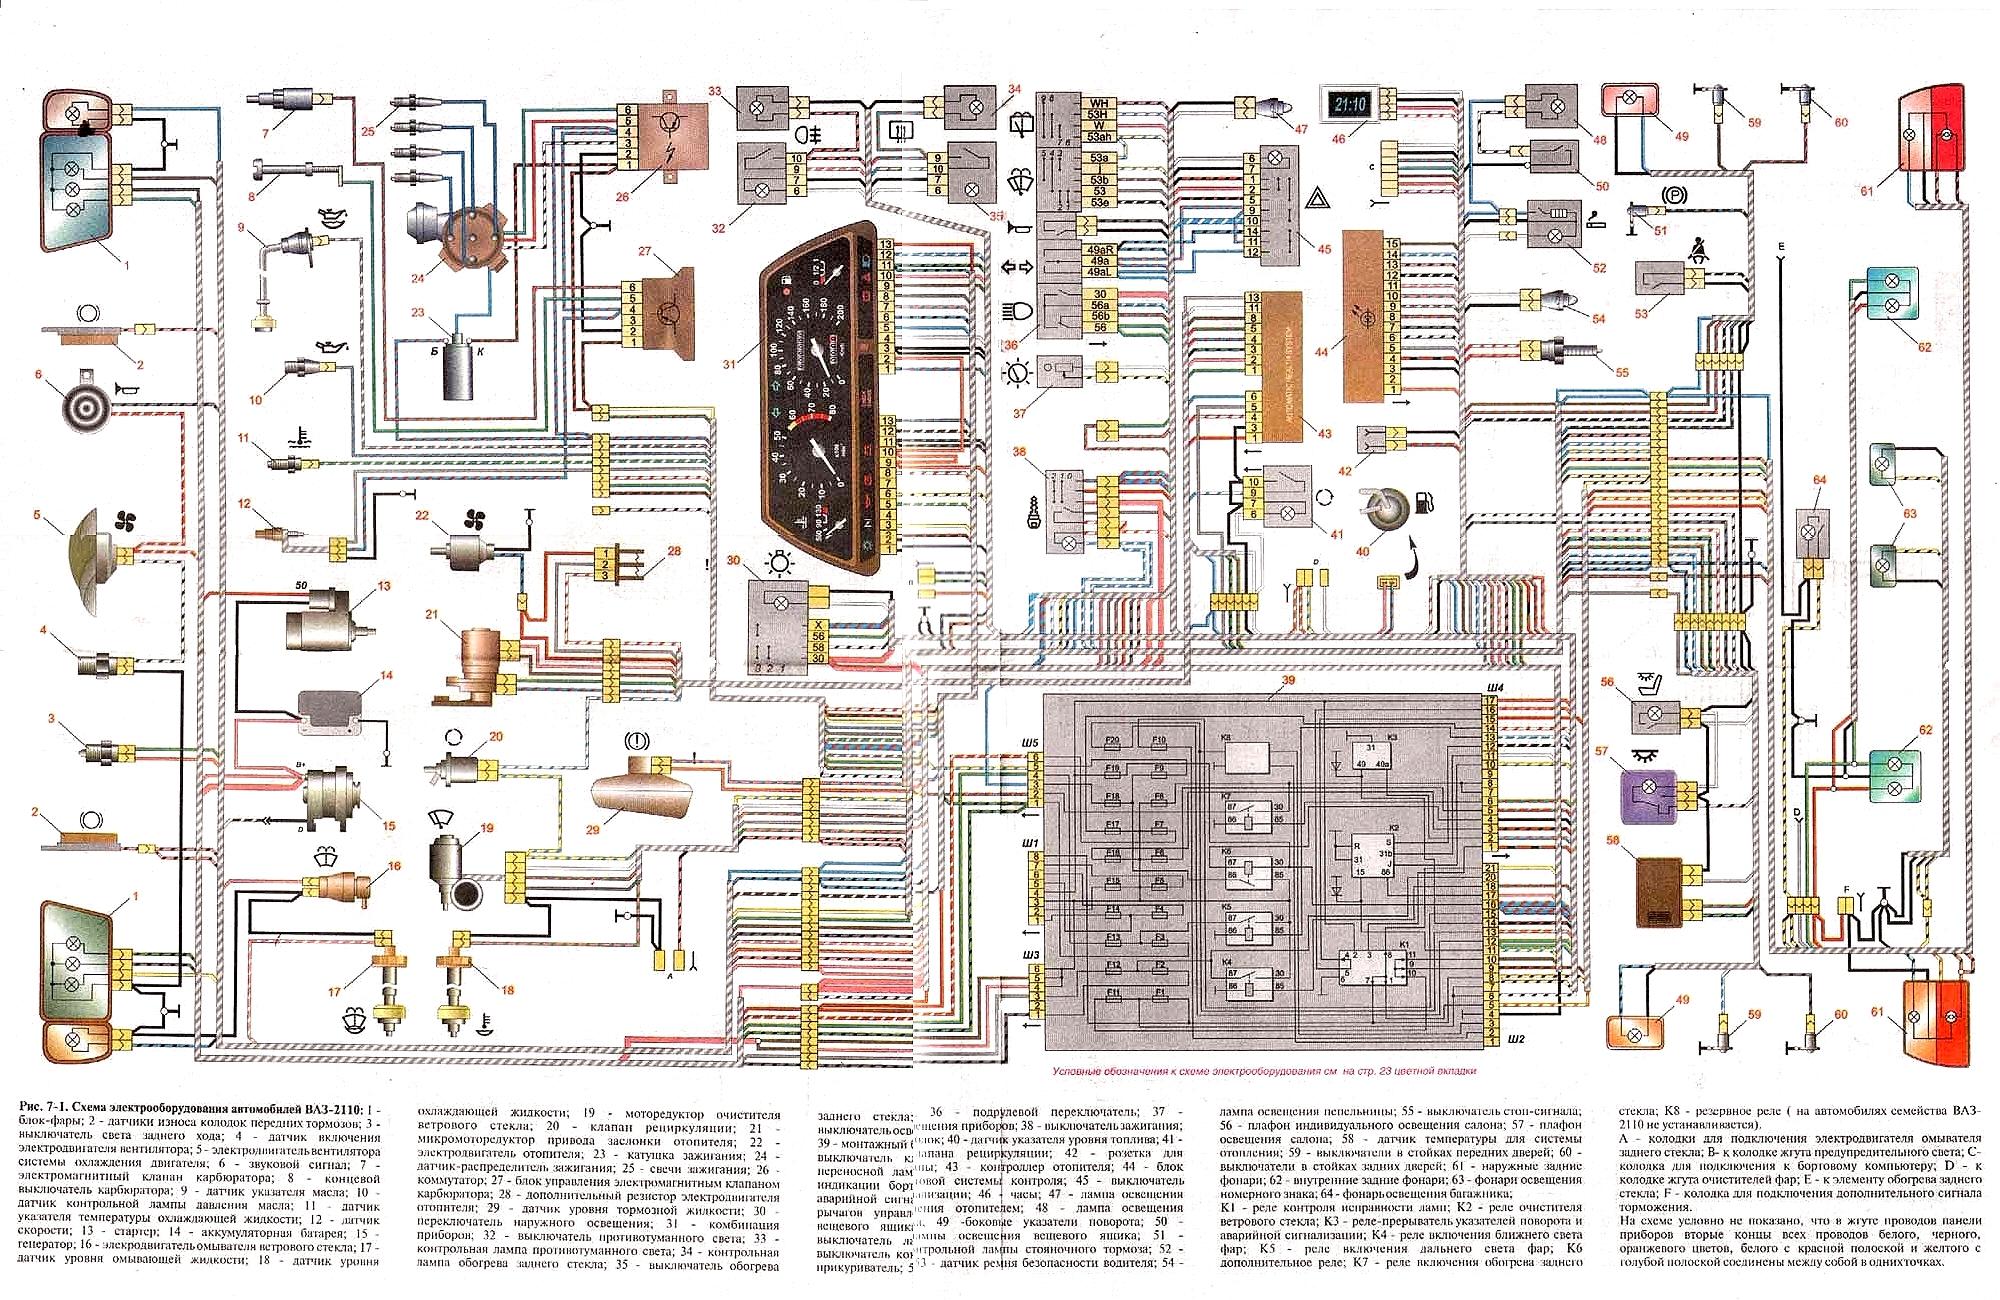 Фото №11 - неисправности электрооборудования ВАЗ 2110 инжектор